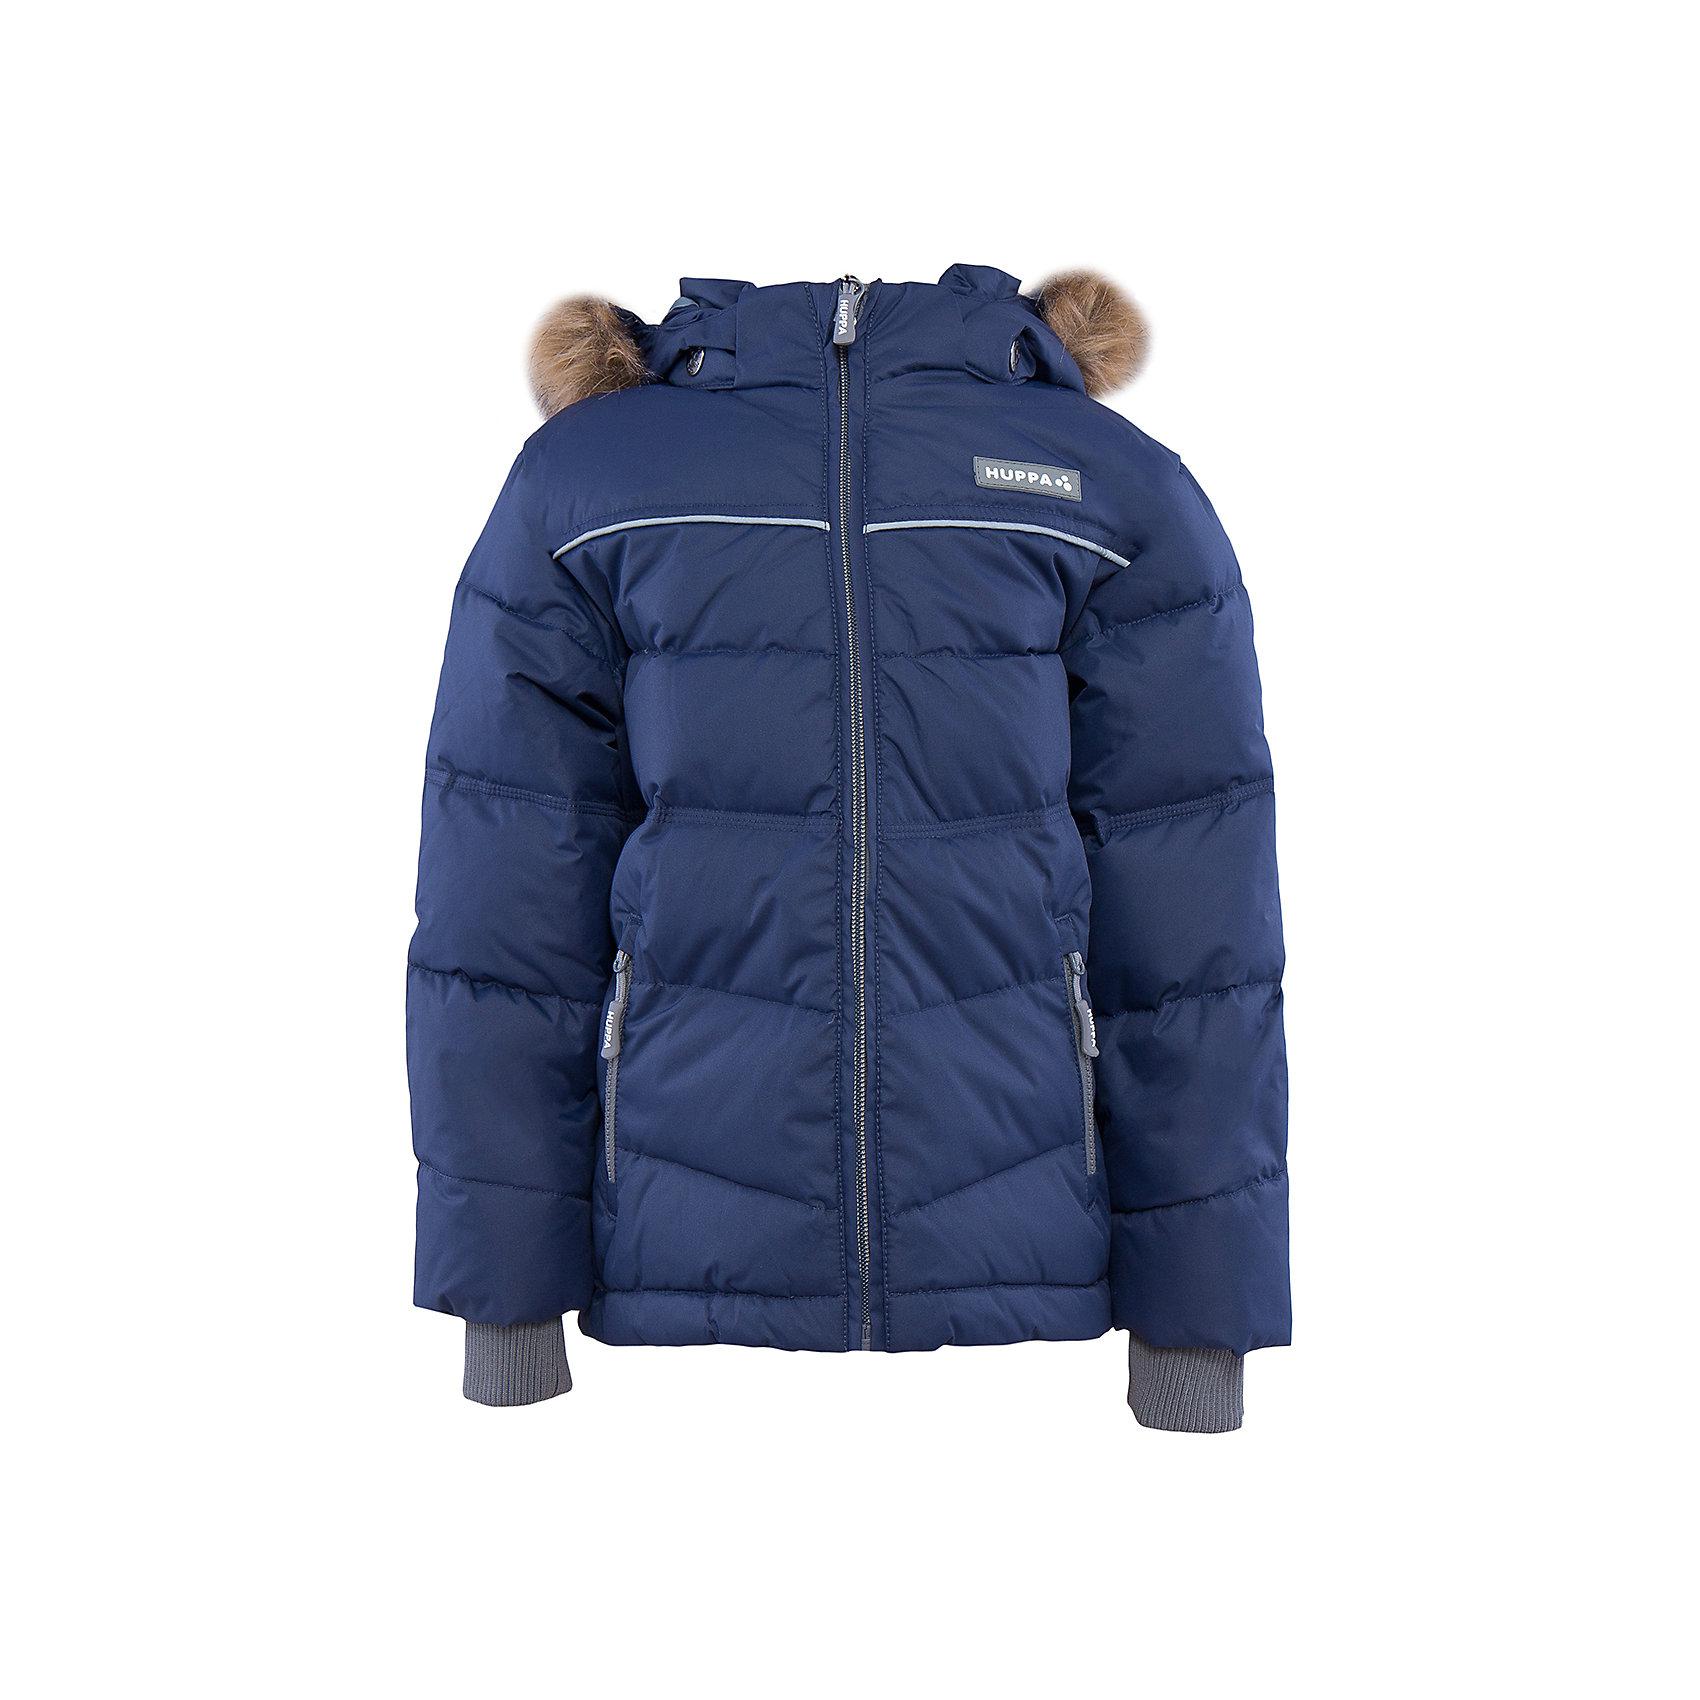 Куртка   для мальчика HuppaВерхняя одежда<br>Утепленная куртка MOODY Huppa(Хуппа).<br><br>Утеплитель: 50% пух, 50% перо.<br><br>Температурный режим: до -30 градусов. Степень утепления – высокая. <br><br>* Температурный режим указан приблизительно — необходимо, прежде всего, ориентироваться на ощущения ребенка. Температурный режим работает в случае соблюдения правила многослойности – использования флисовой поддевы и термобелья.<br><br>Очень теплая и отвечает всем требованиям качества. Плотная мембрана не даст холодному воздуху и воде попасть под одежду и поможет вывести лишнюю влагу. Куртка застегивается на молнию, имеет светоотражающие полоски, вместительные карманы и большой капюшон. Отдельные вязаные манжеты предотвратят попадание снега внутрь. В этой куртке мальчику, несомненно, будет тепло и комфортно!<br><br>Дополнительная информация:<br>Материал: 100% полиэстер<br>Подкладка: тафта - 100% полиэстер<br>Цвет: синий<br><br>Вы можете приобрести куртку MOODY Huppa(Хуппа) в нашем интернет-магазине.<br><br>Ширина мм: 356<br>Глубина мм: 10<br>Высота мм: 245<br>Вес г: 519<br>Цвет: синий<br>Возраст от месяцев: 24<br>Возраст до месяцев: 36<br>Пол: Мужской<br>Возраст: Детский<br>Размер: 98,158,152,146,140,134,128,122,116,110,104<br>SKU: 4928203